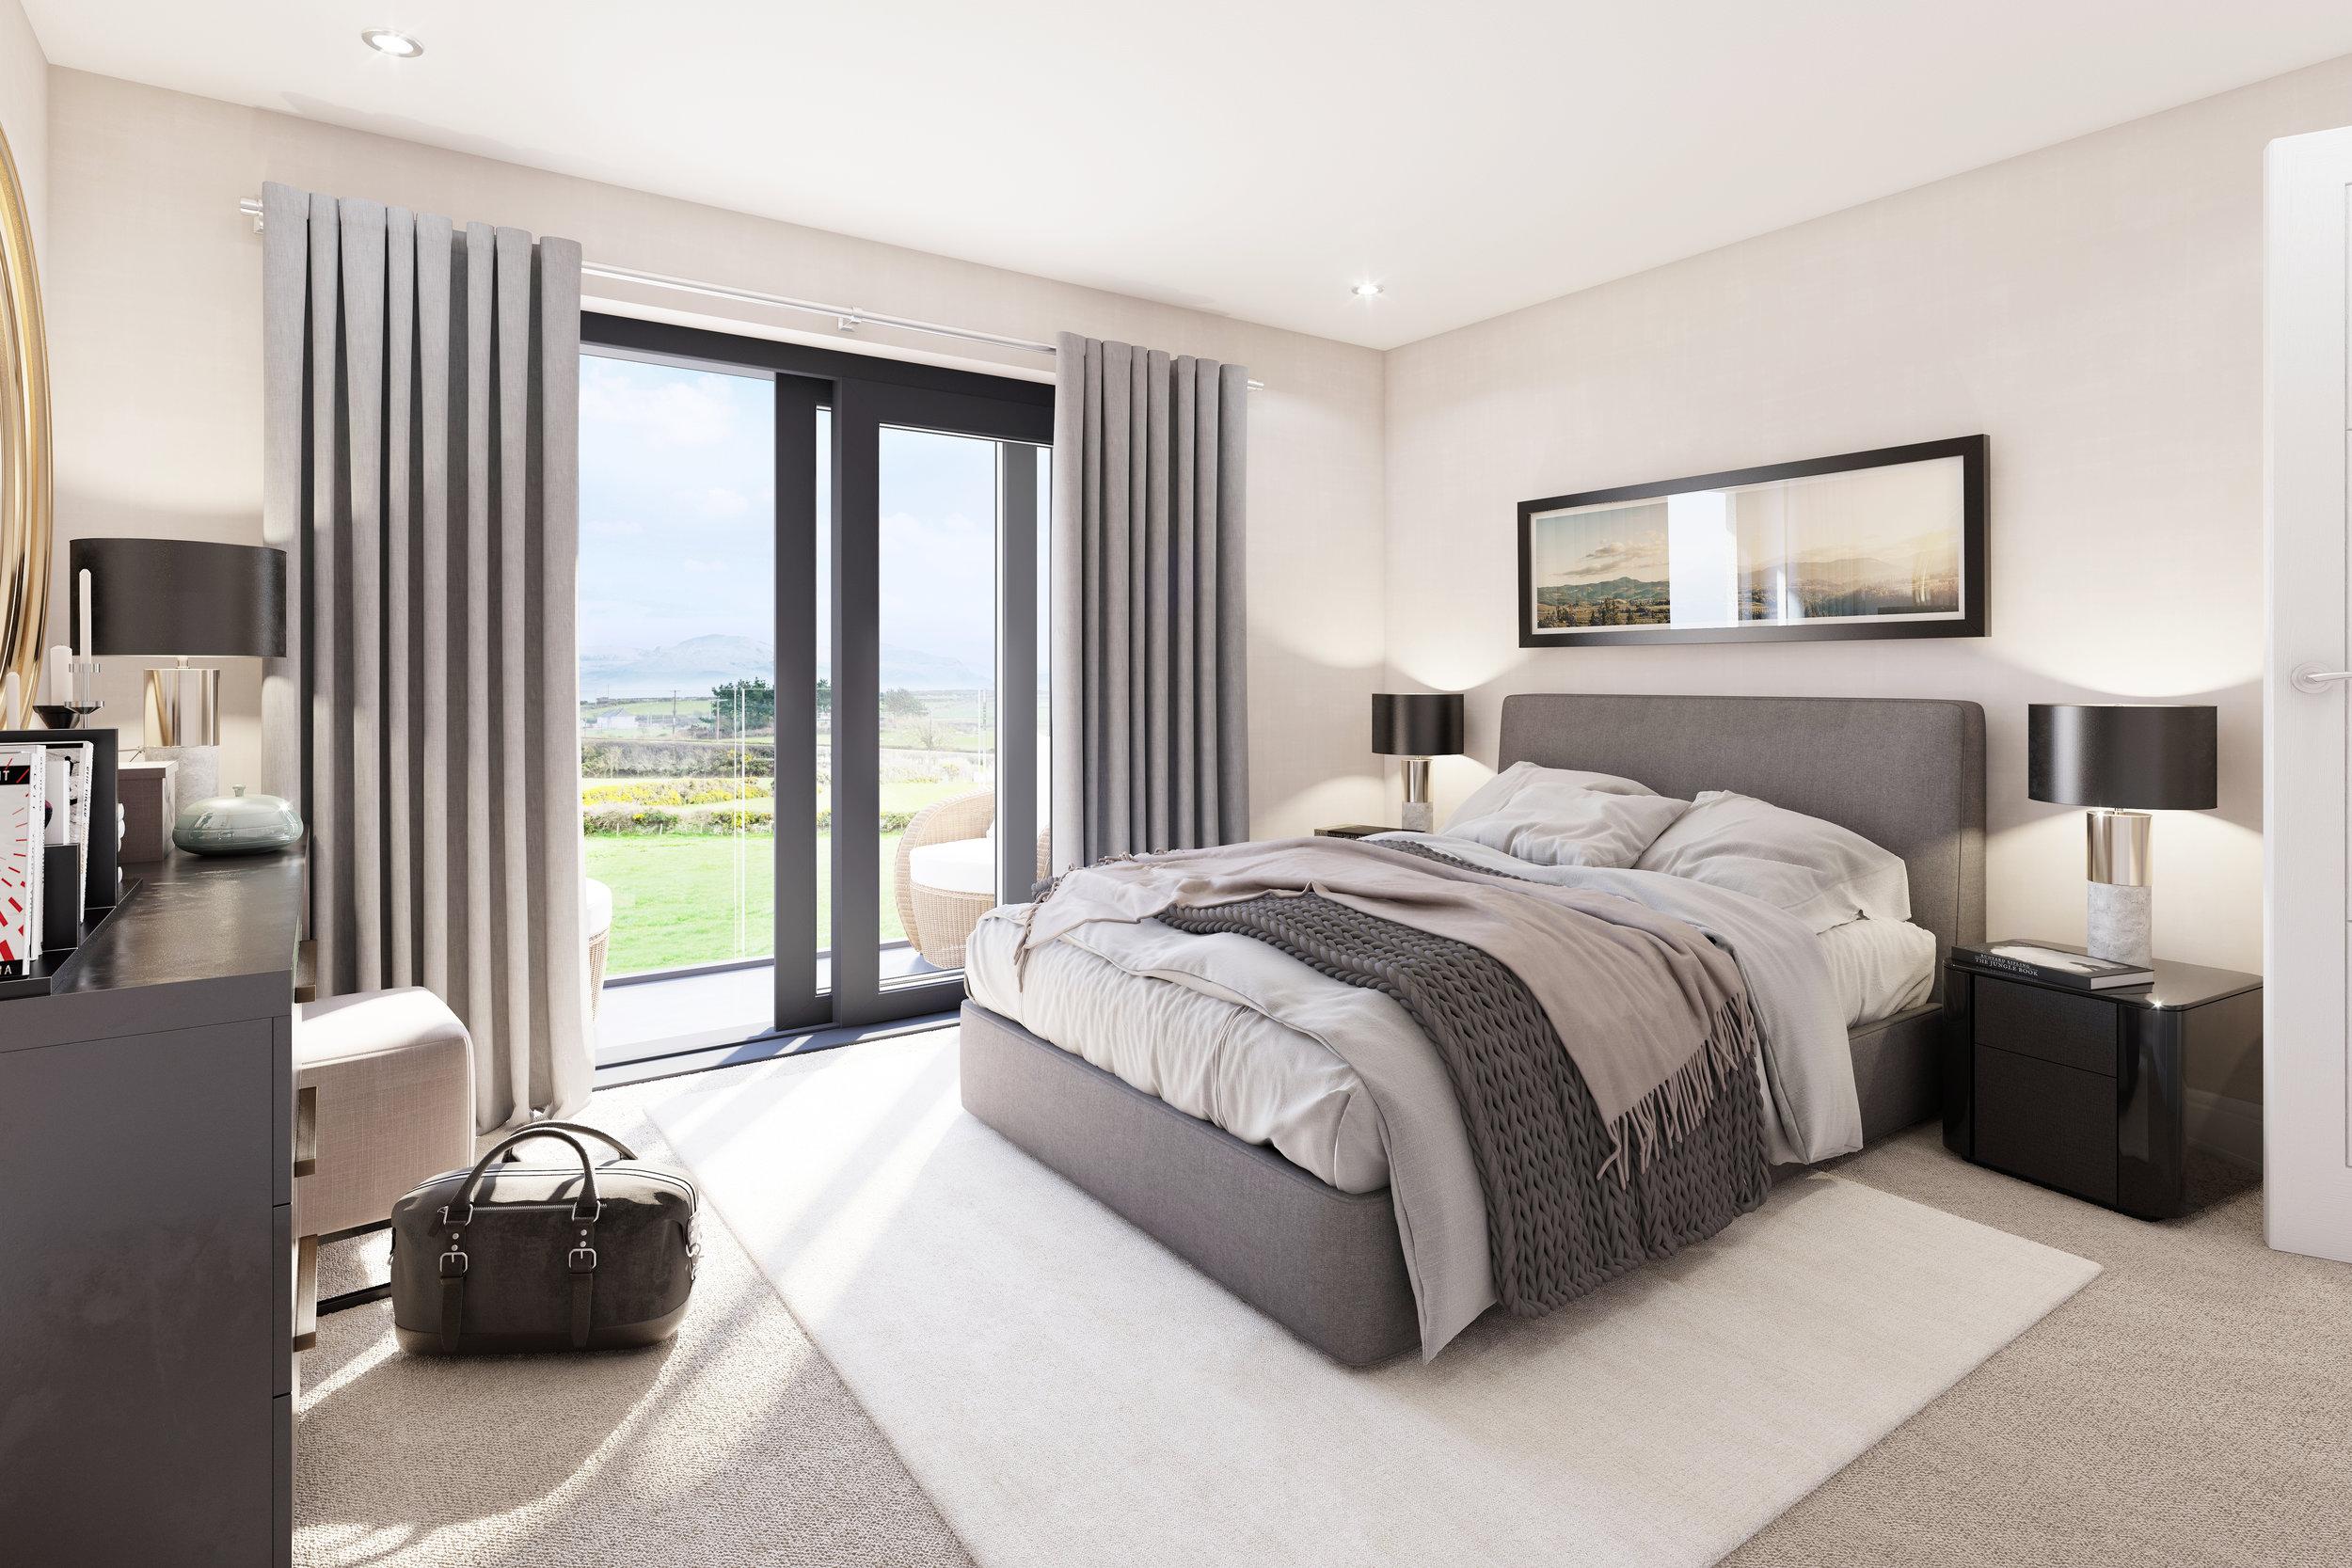 PenYBont_Bedroom_HighRes_250119.jpg